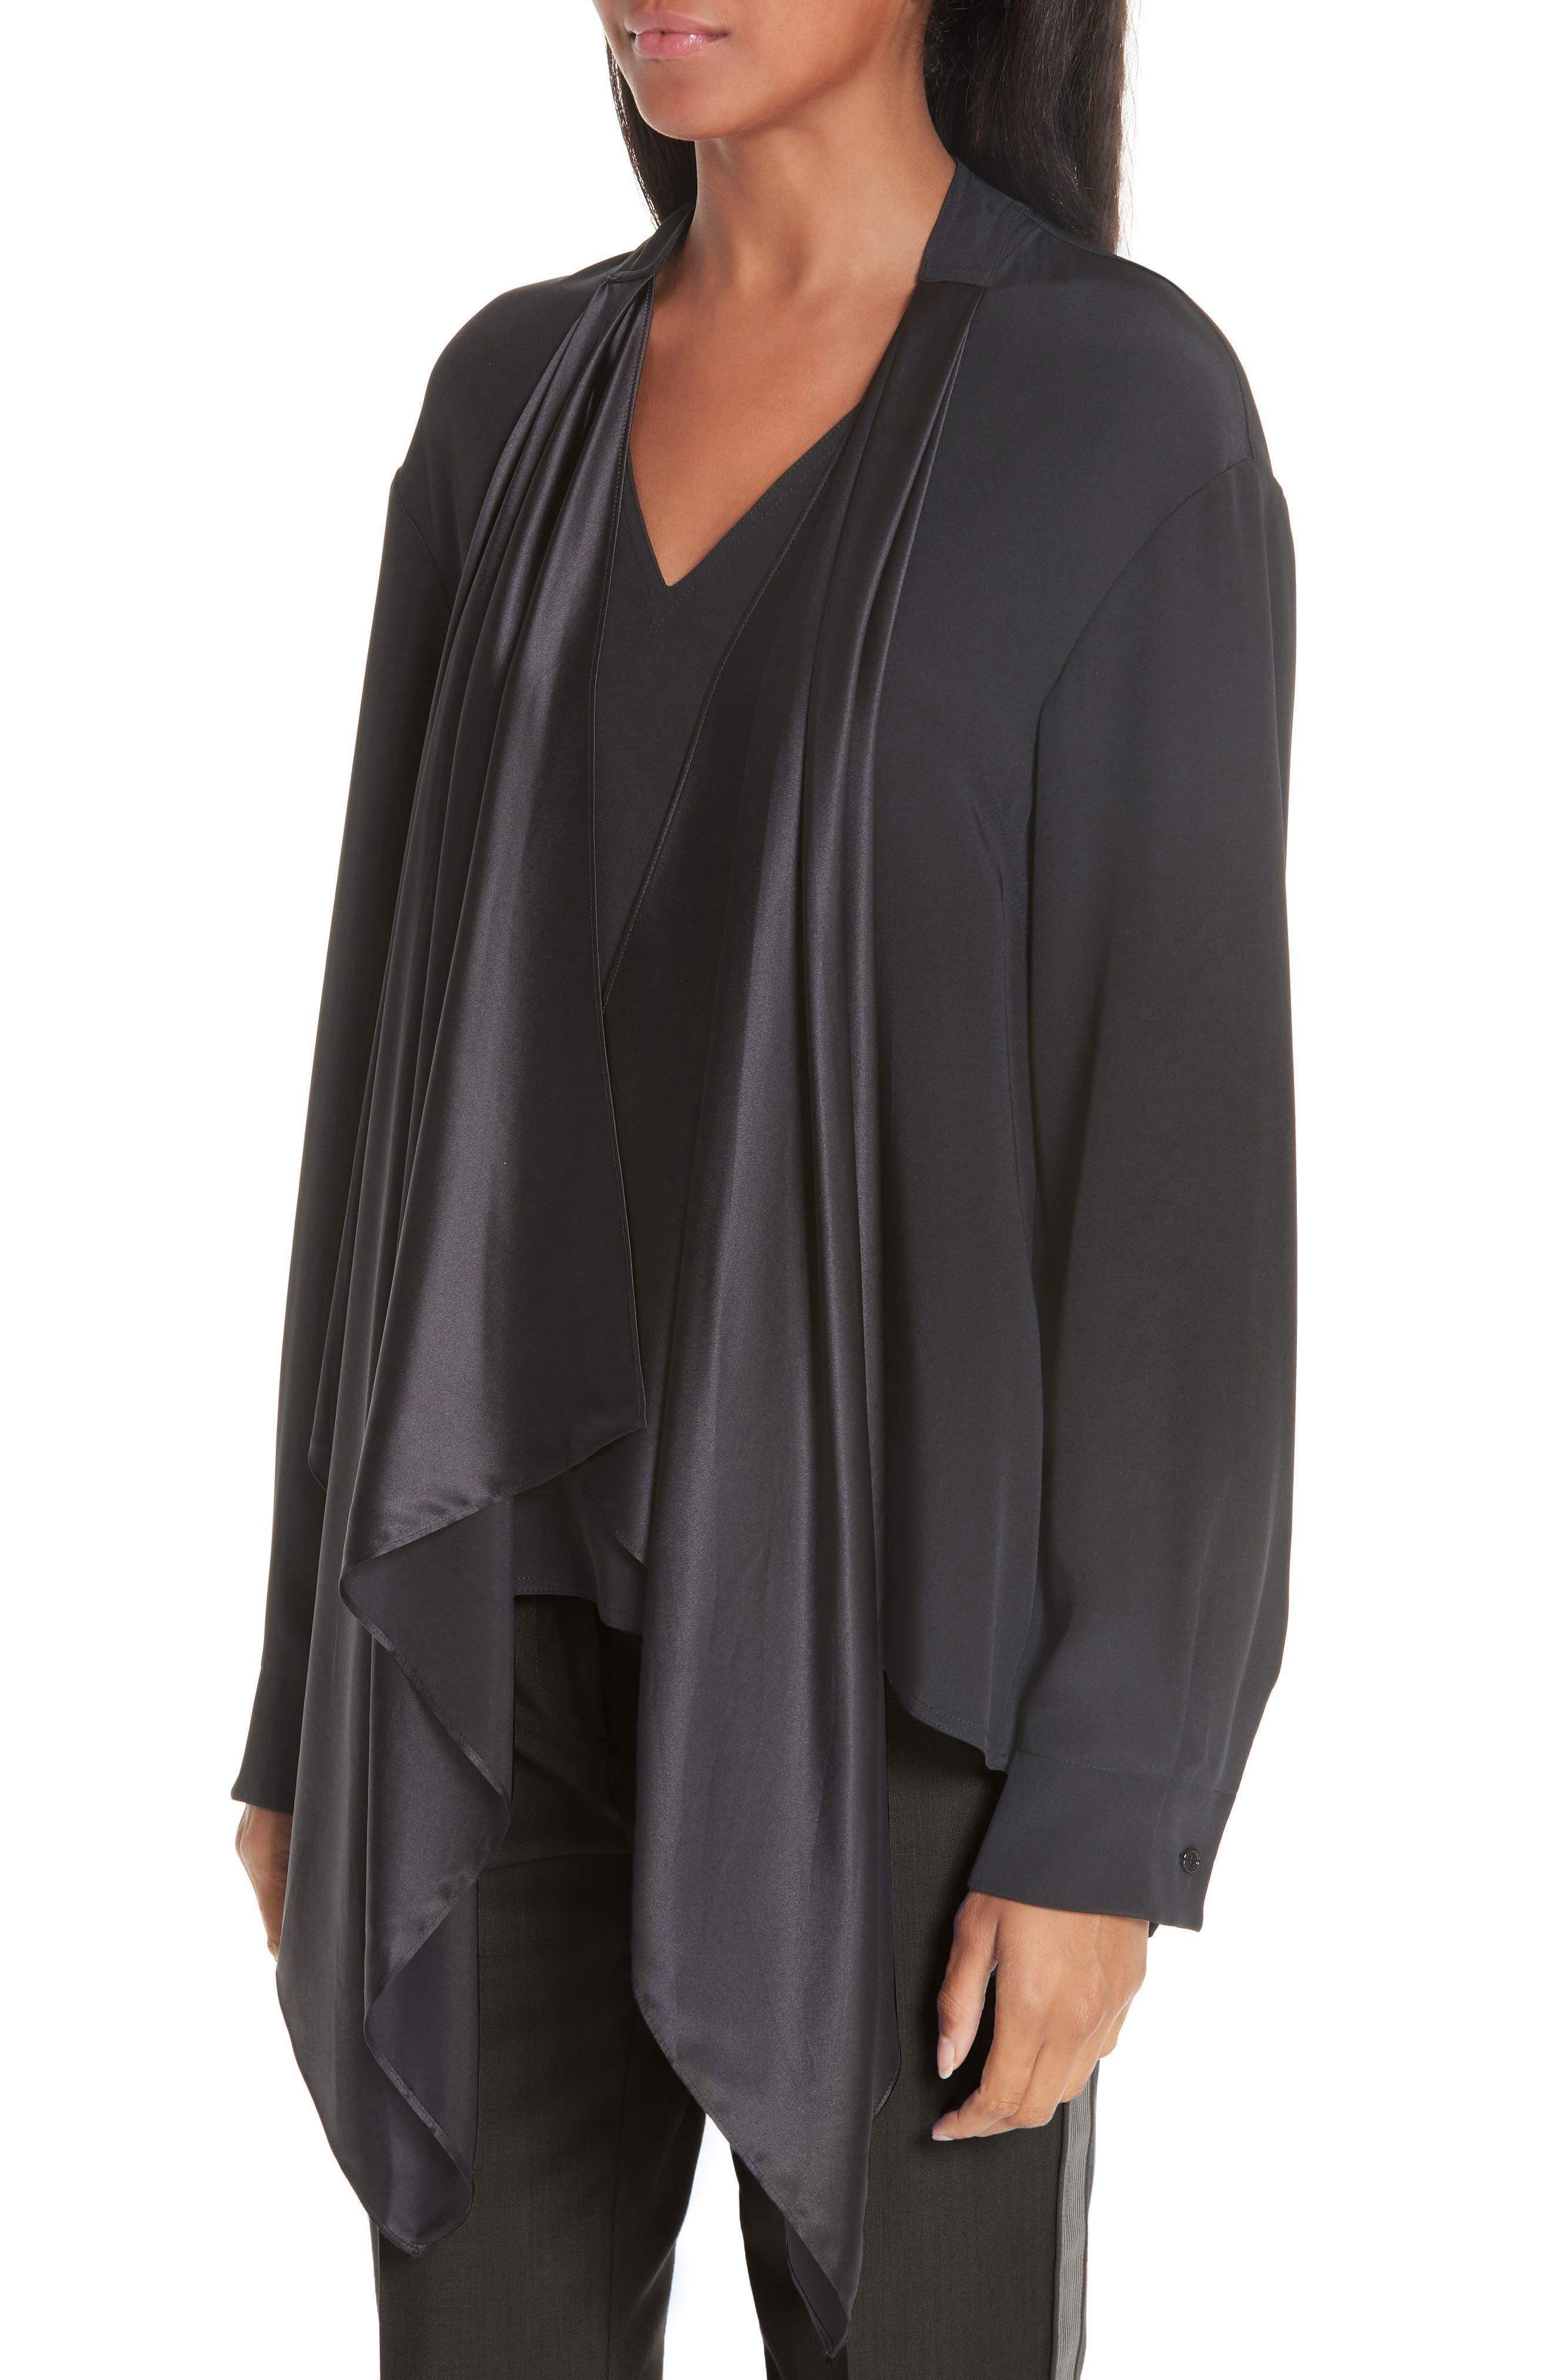 CALVIN KLEIN 205W39NYC, Satin Tie Neck Silk Blouse, Alternate thumbnail 5, color, BLACK